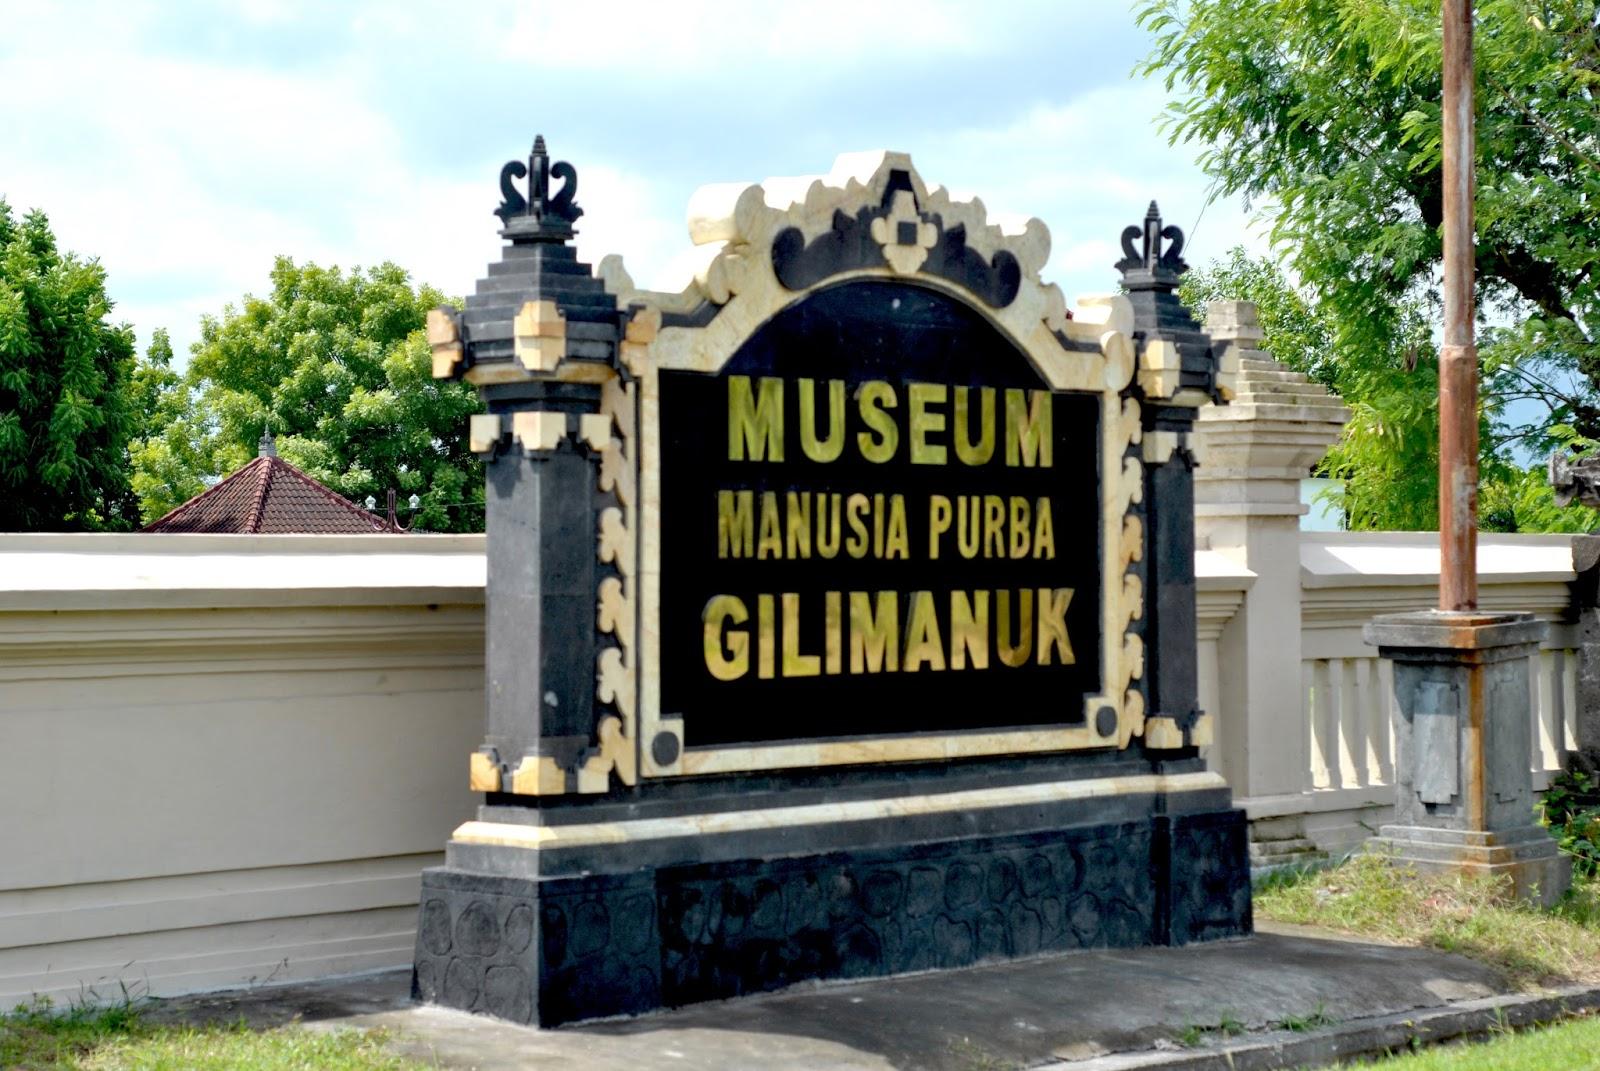 Museum Manusia Purba Gilimanuk Kelurahan Kec Melaya Tetapi Kearifan Lokal